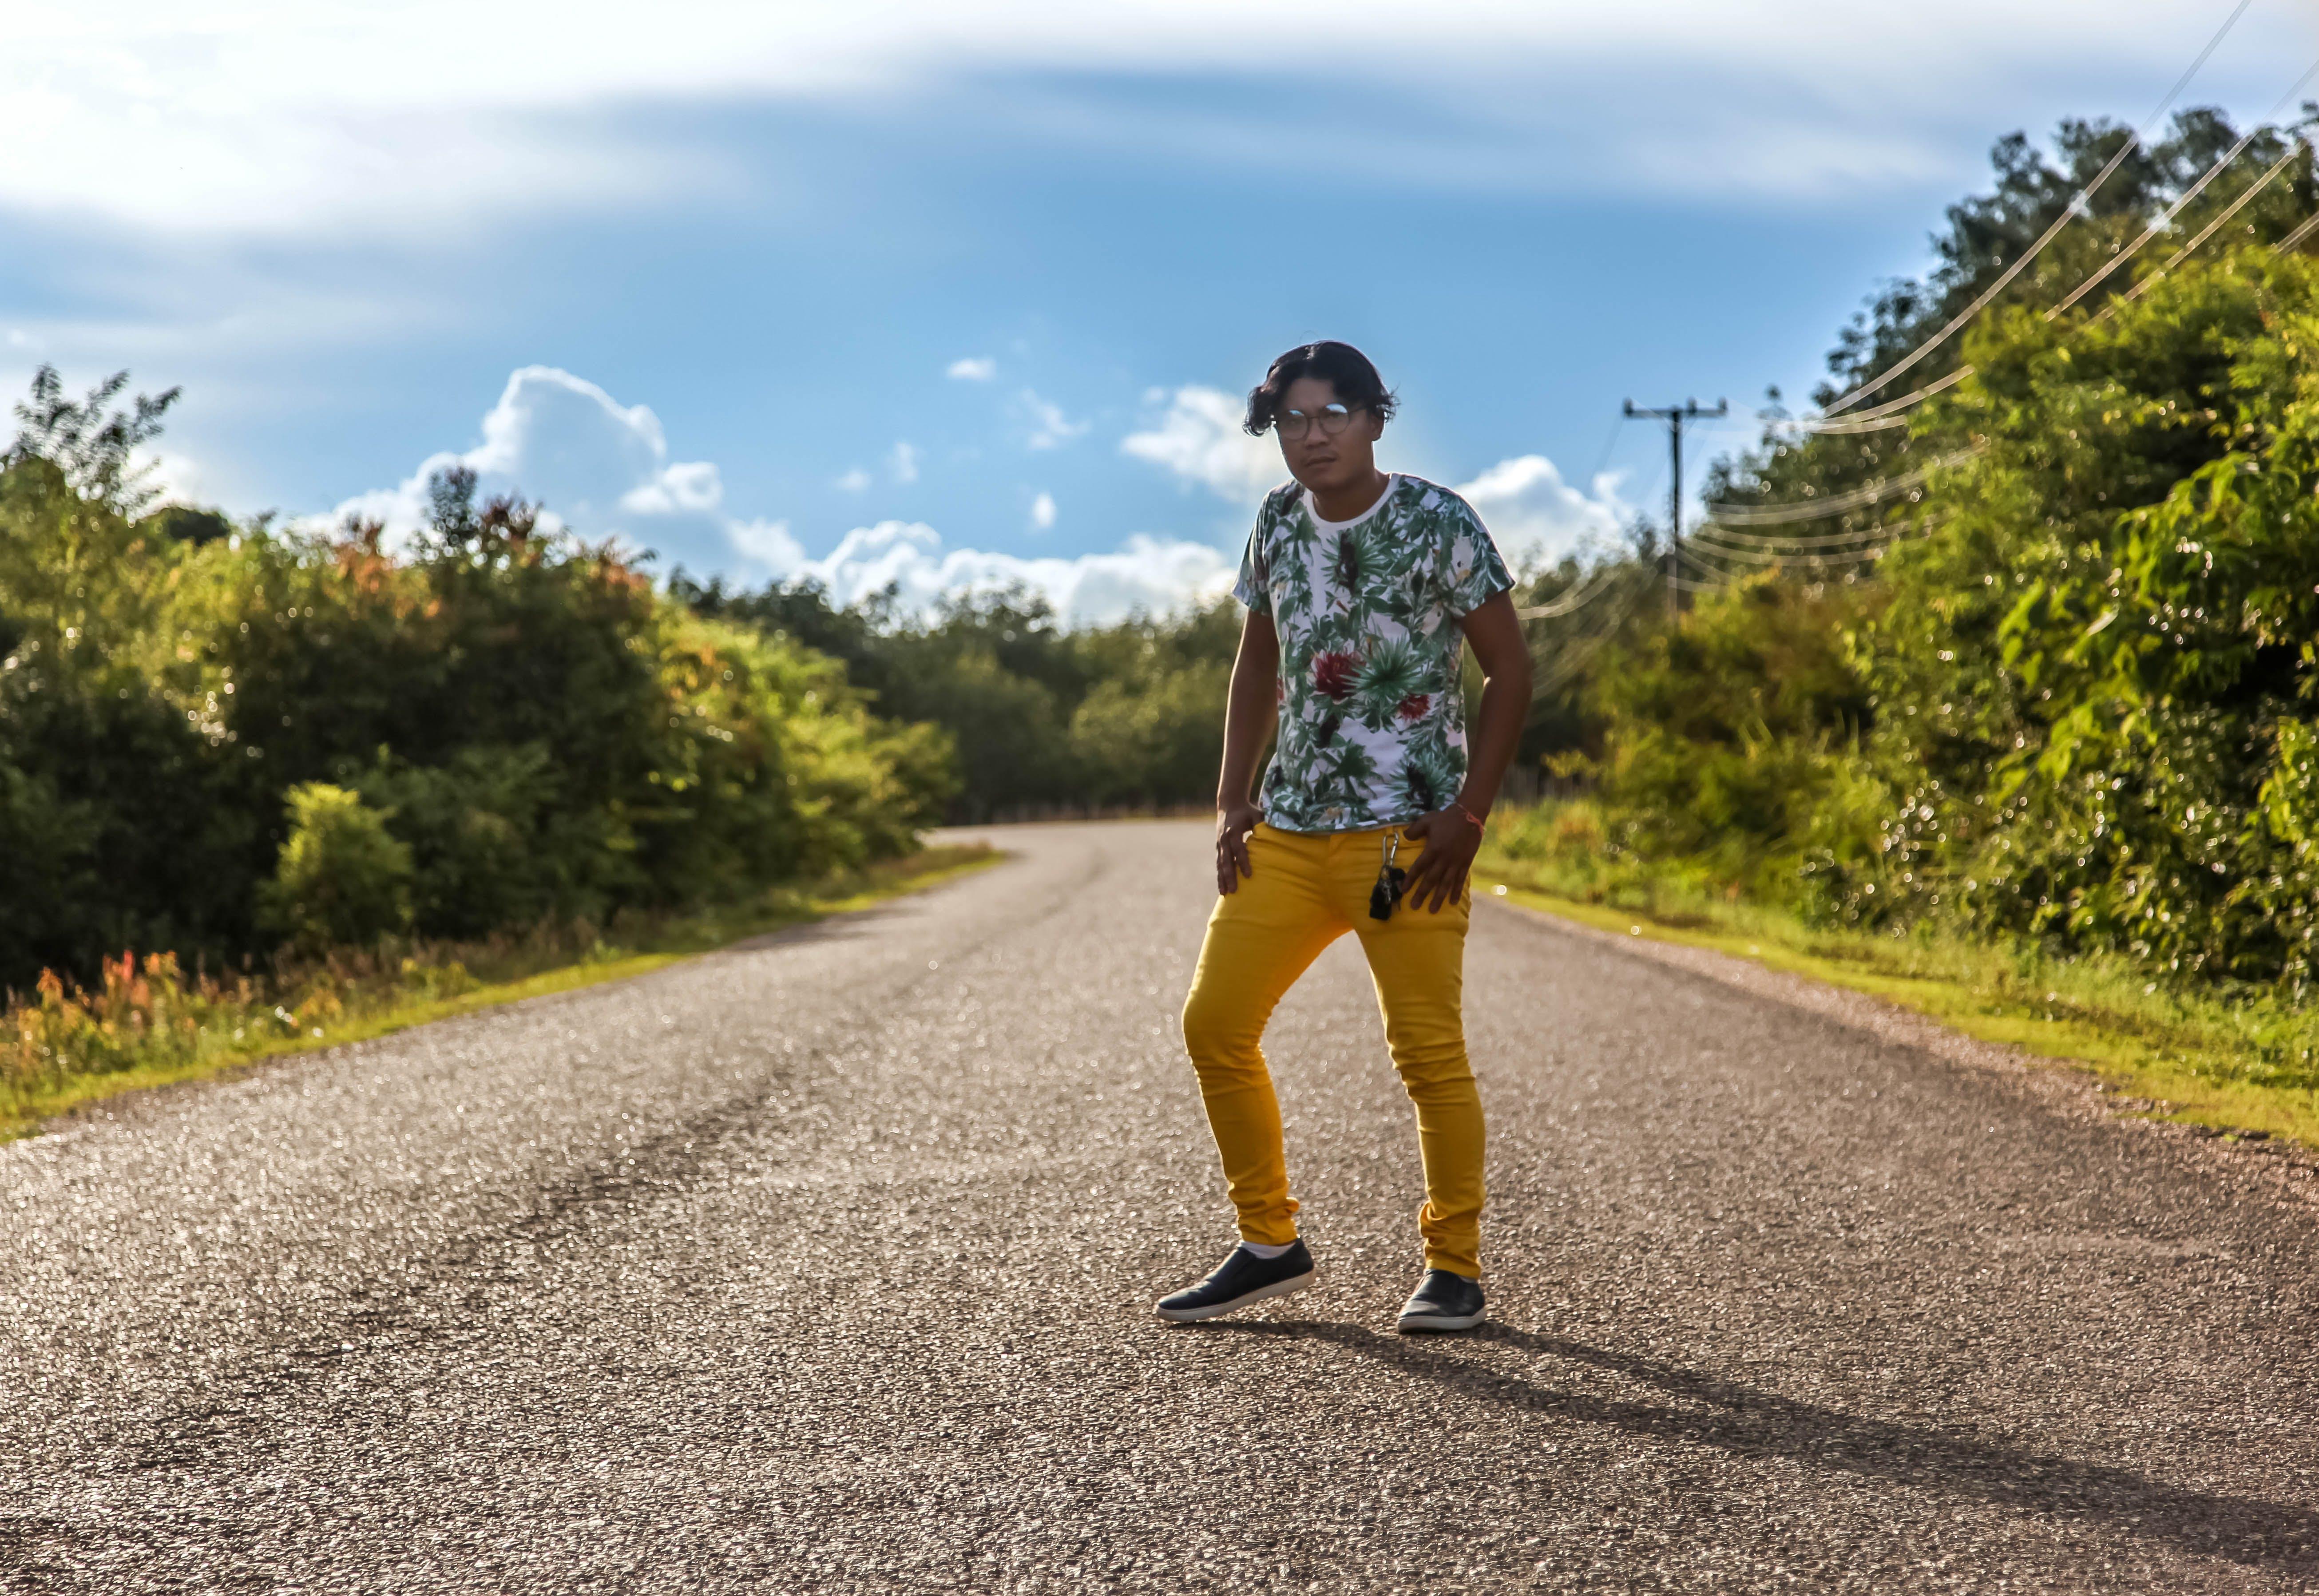 Gratis lagerfoto af indie, mænd, vej